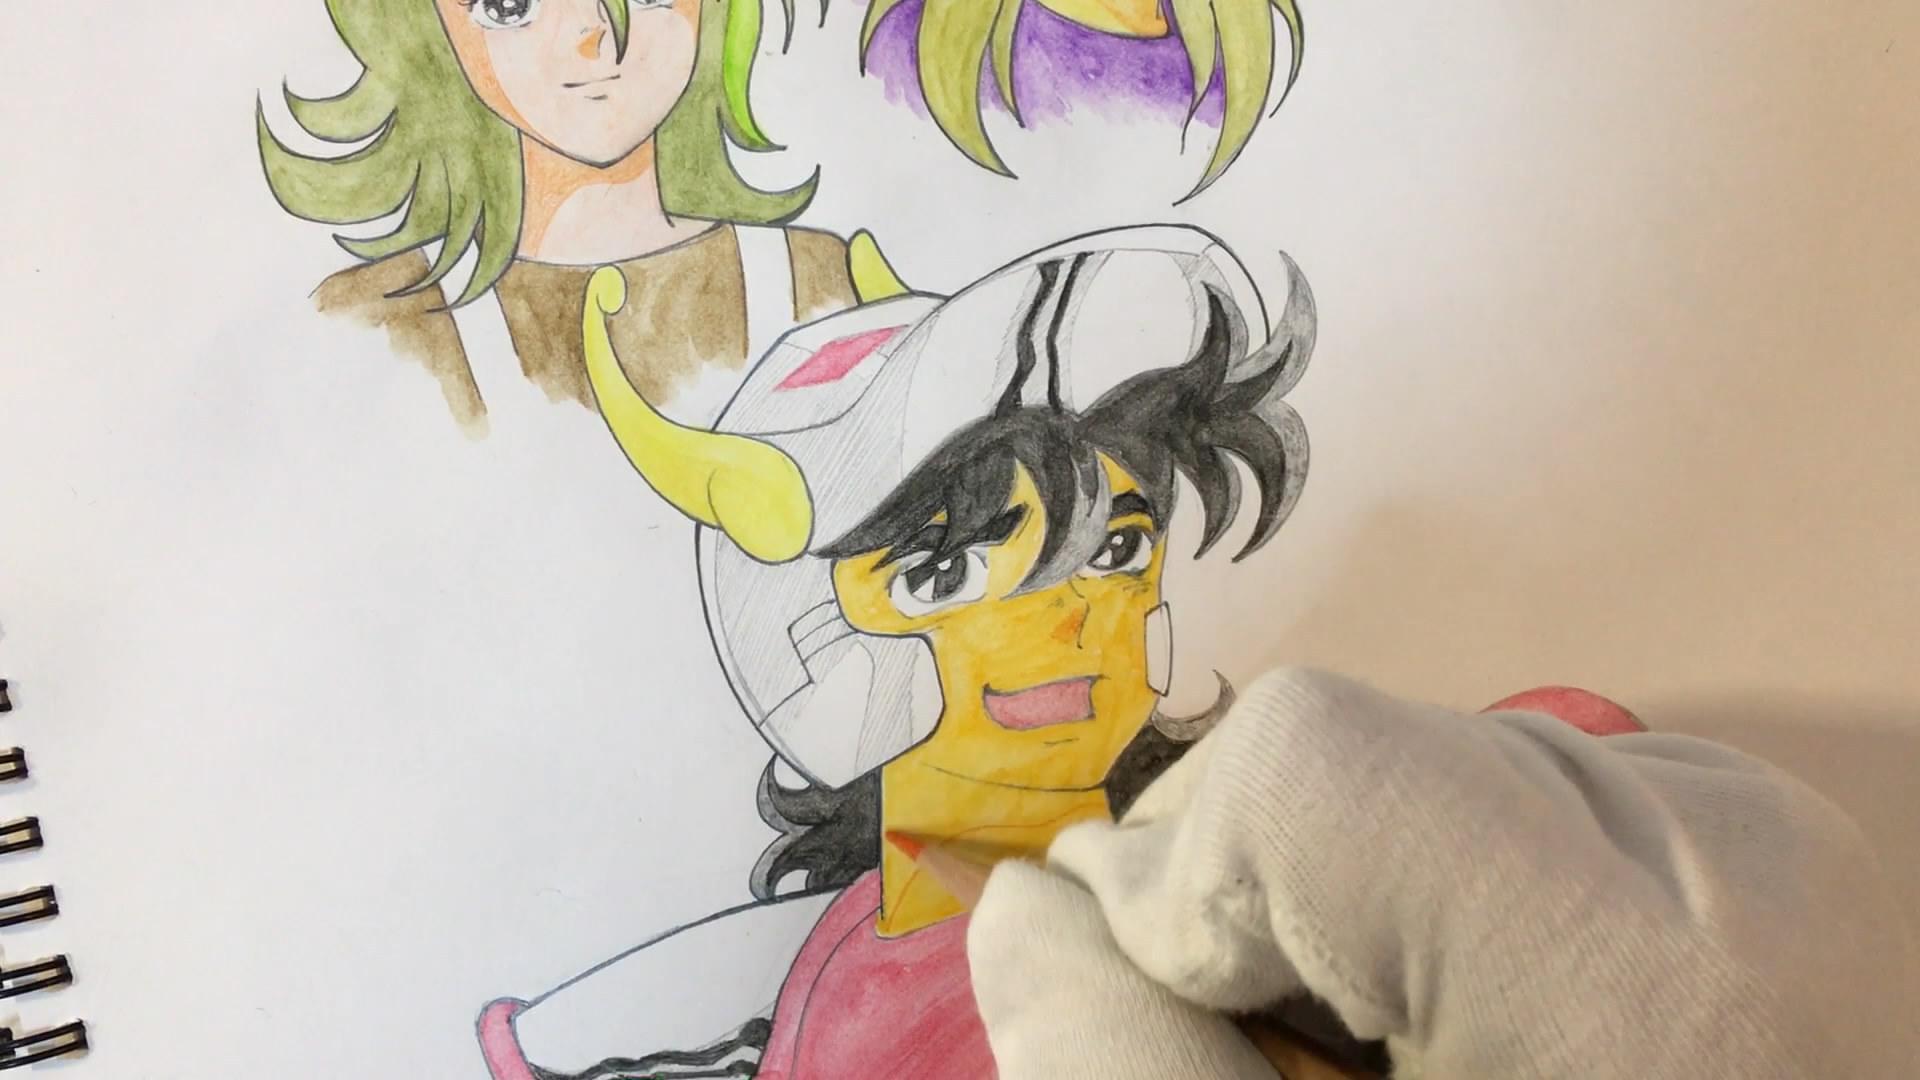 彩铅绘画《圣斗士》